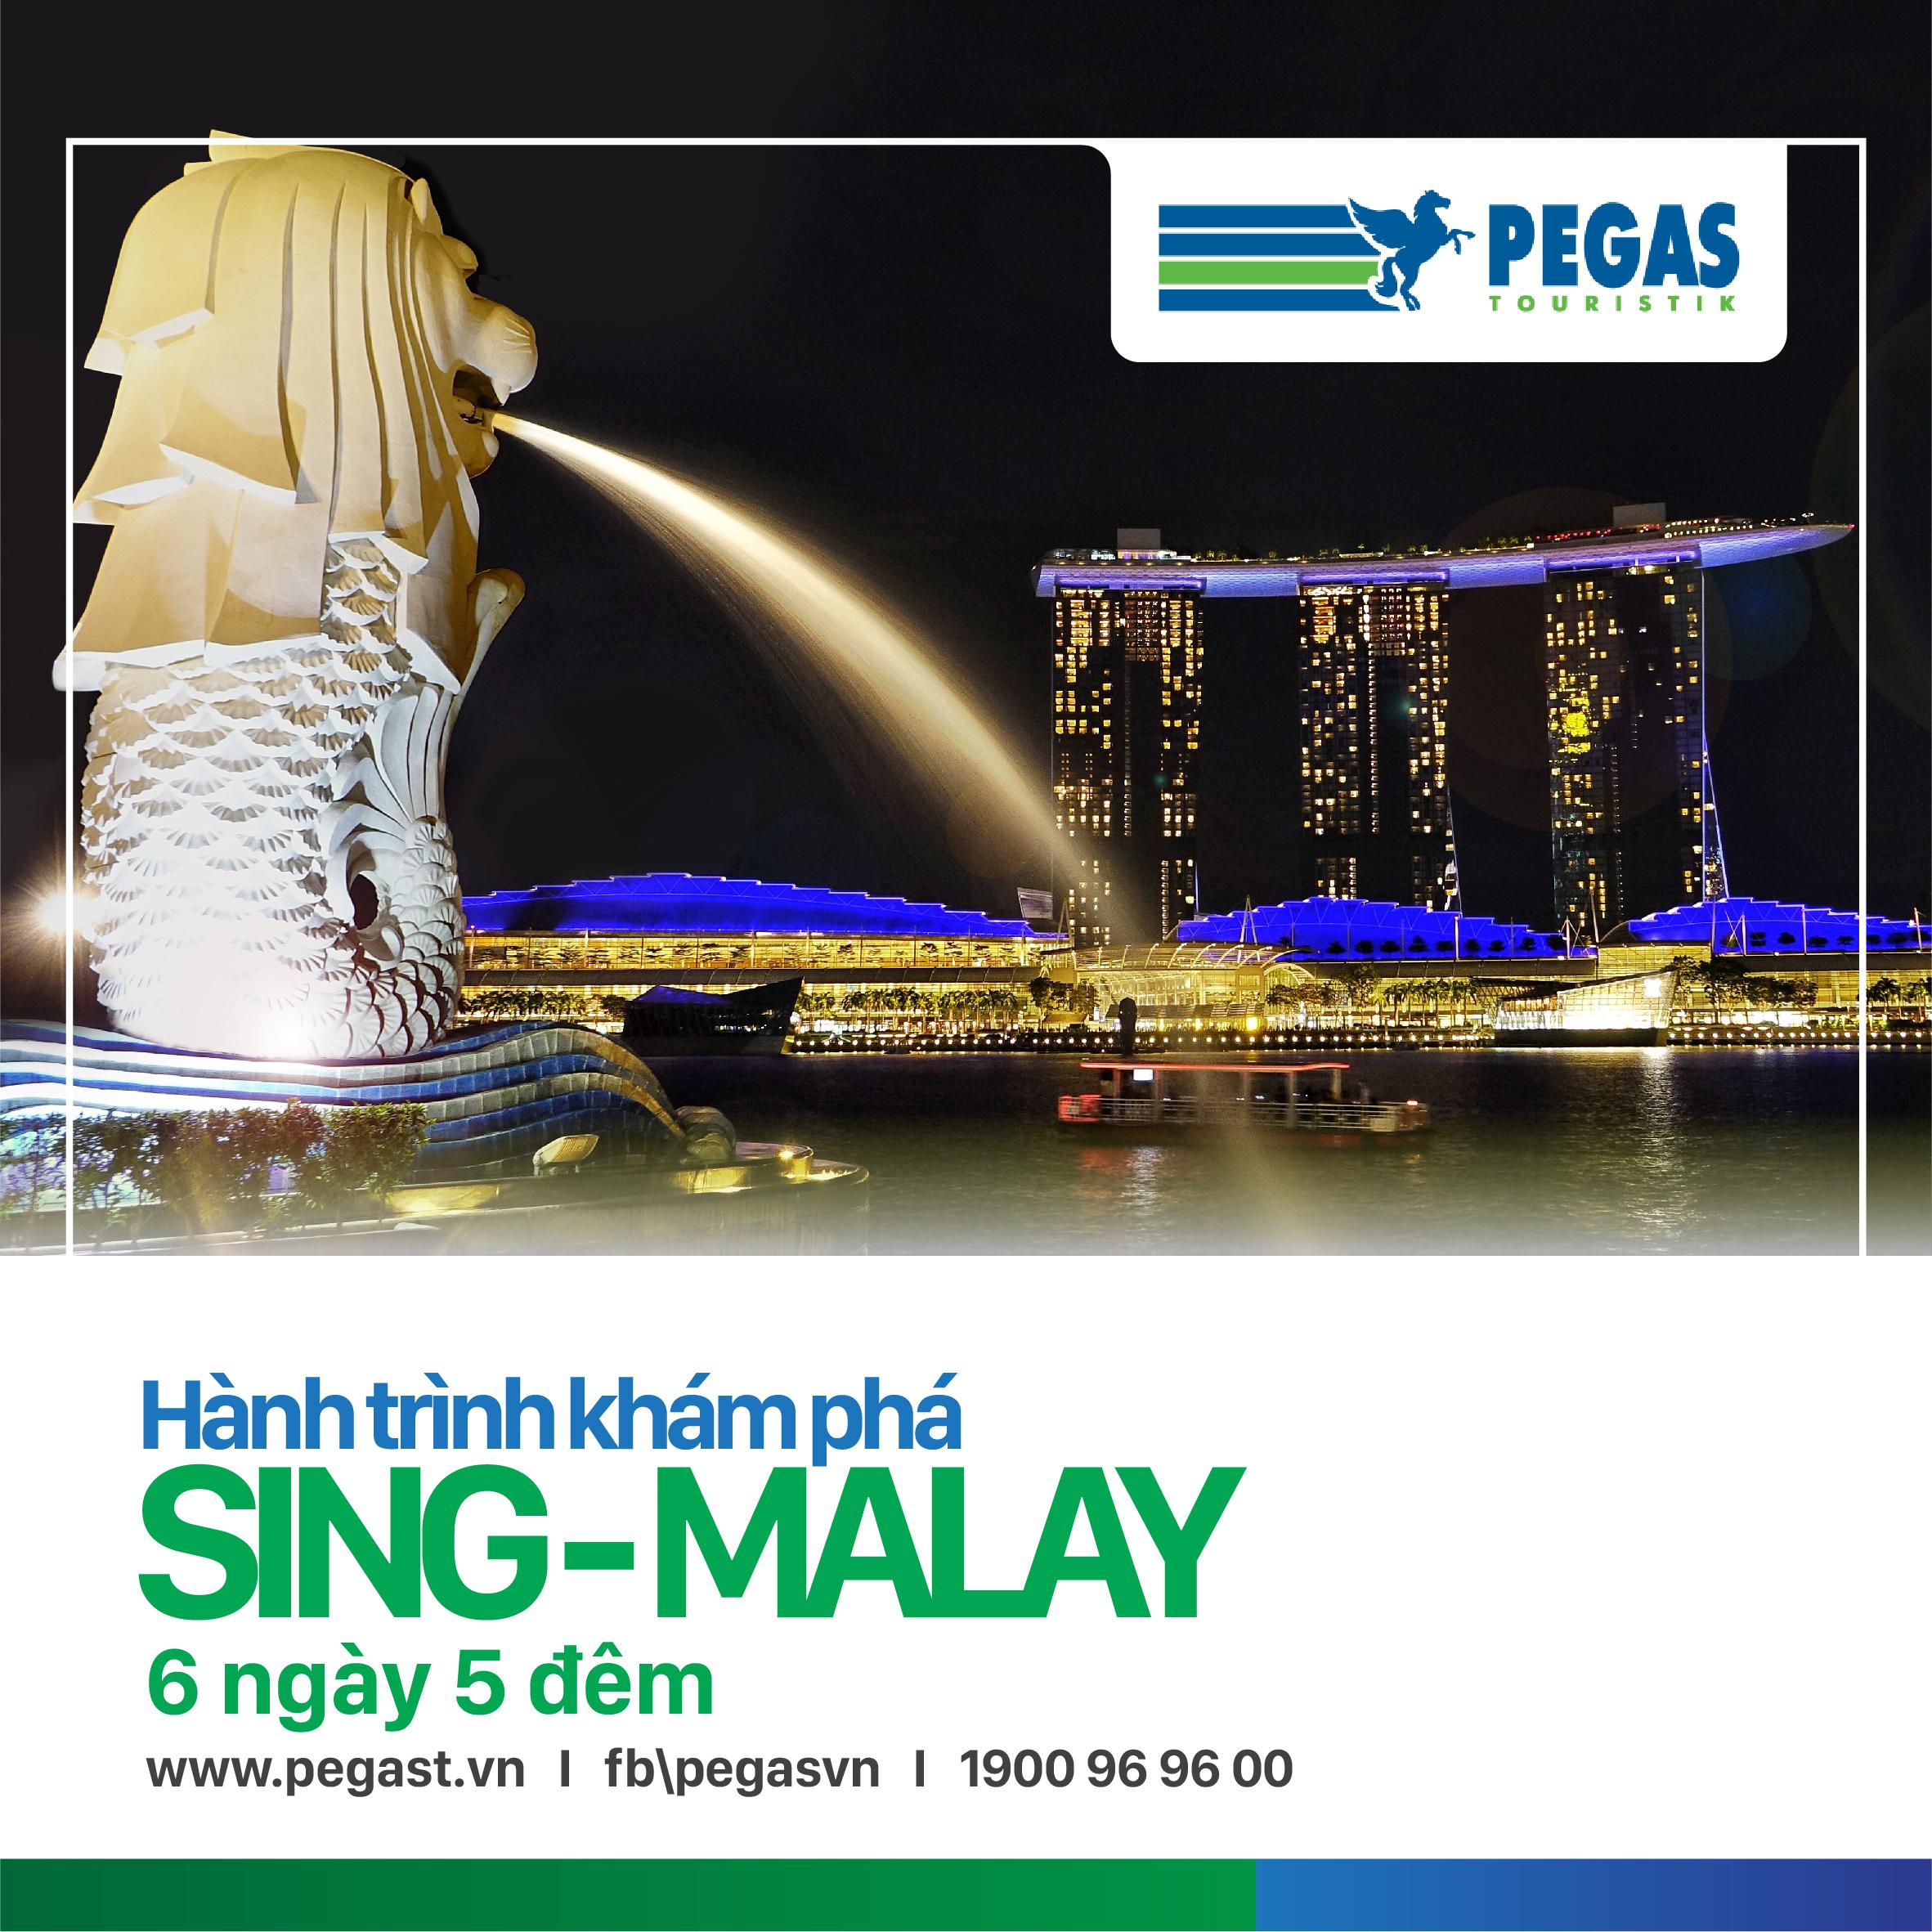 KHÁM PHÁ SINGAPORE - MALAYSIA - 6 NGÀY 5 ĐÊM